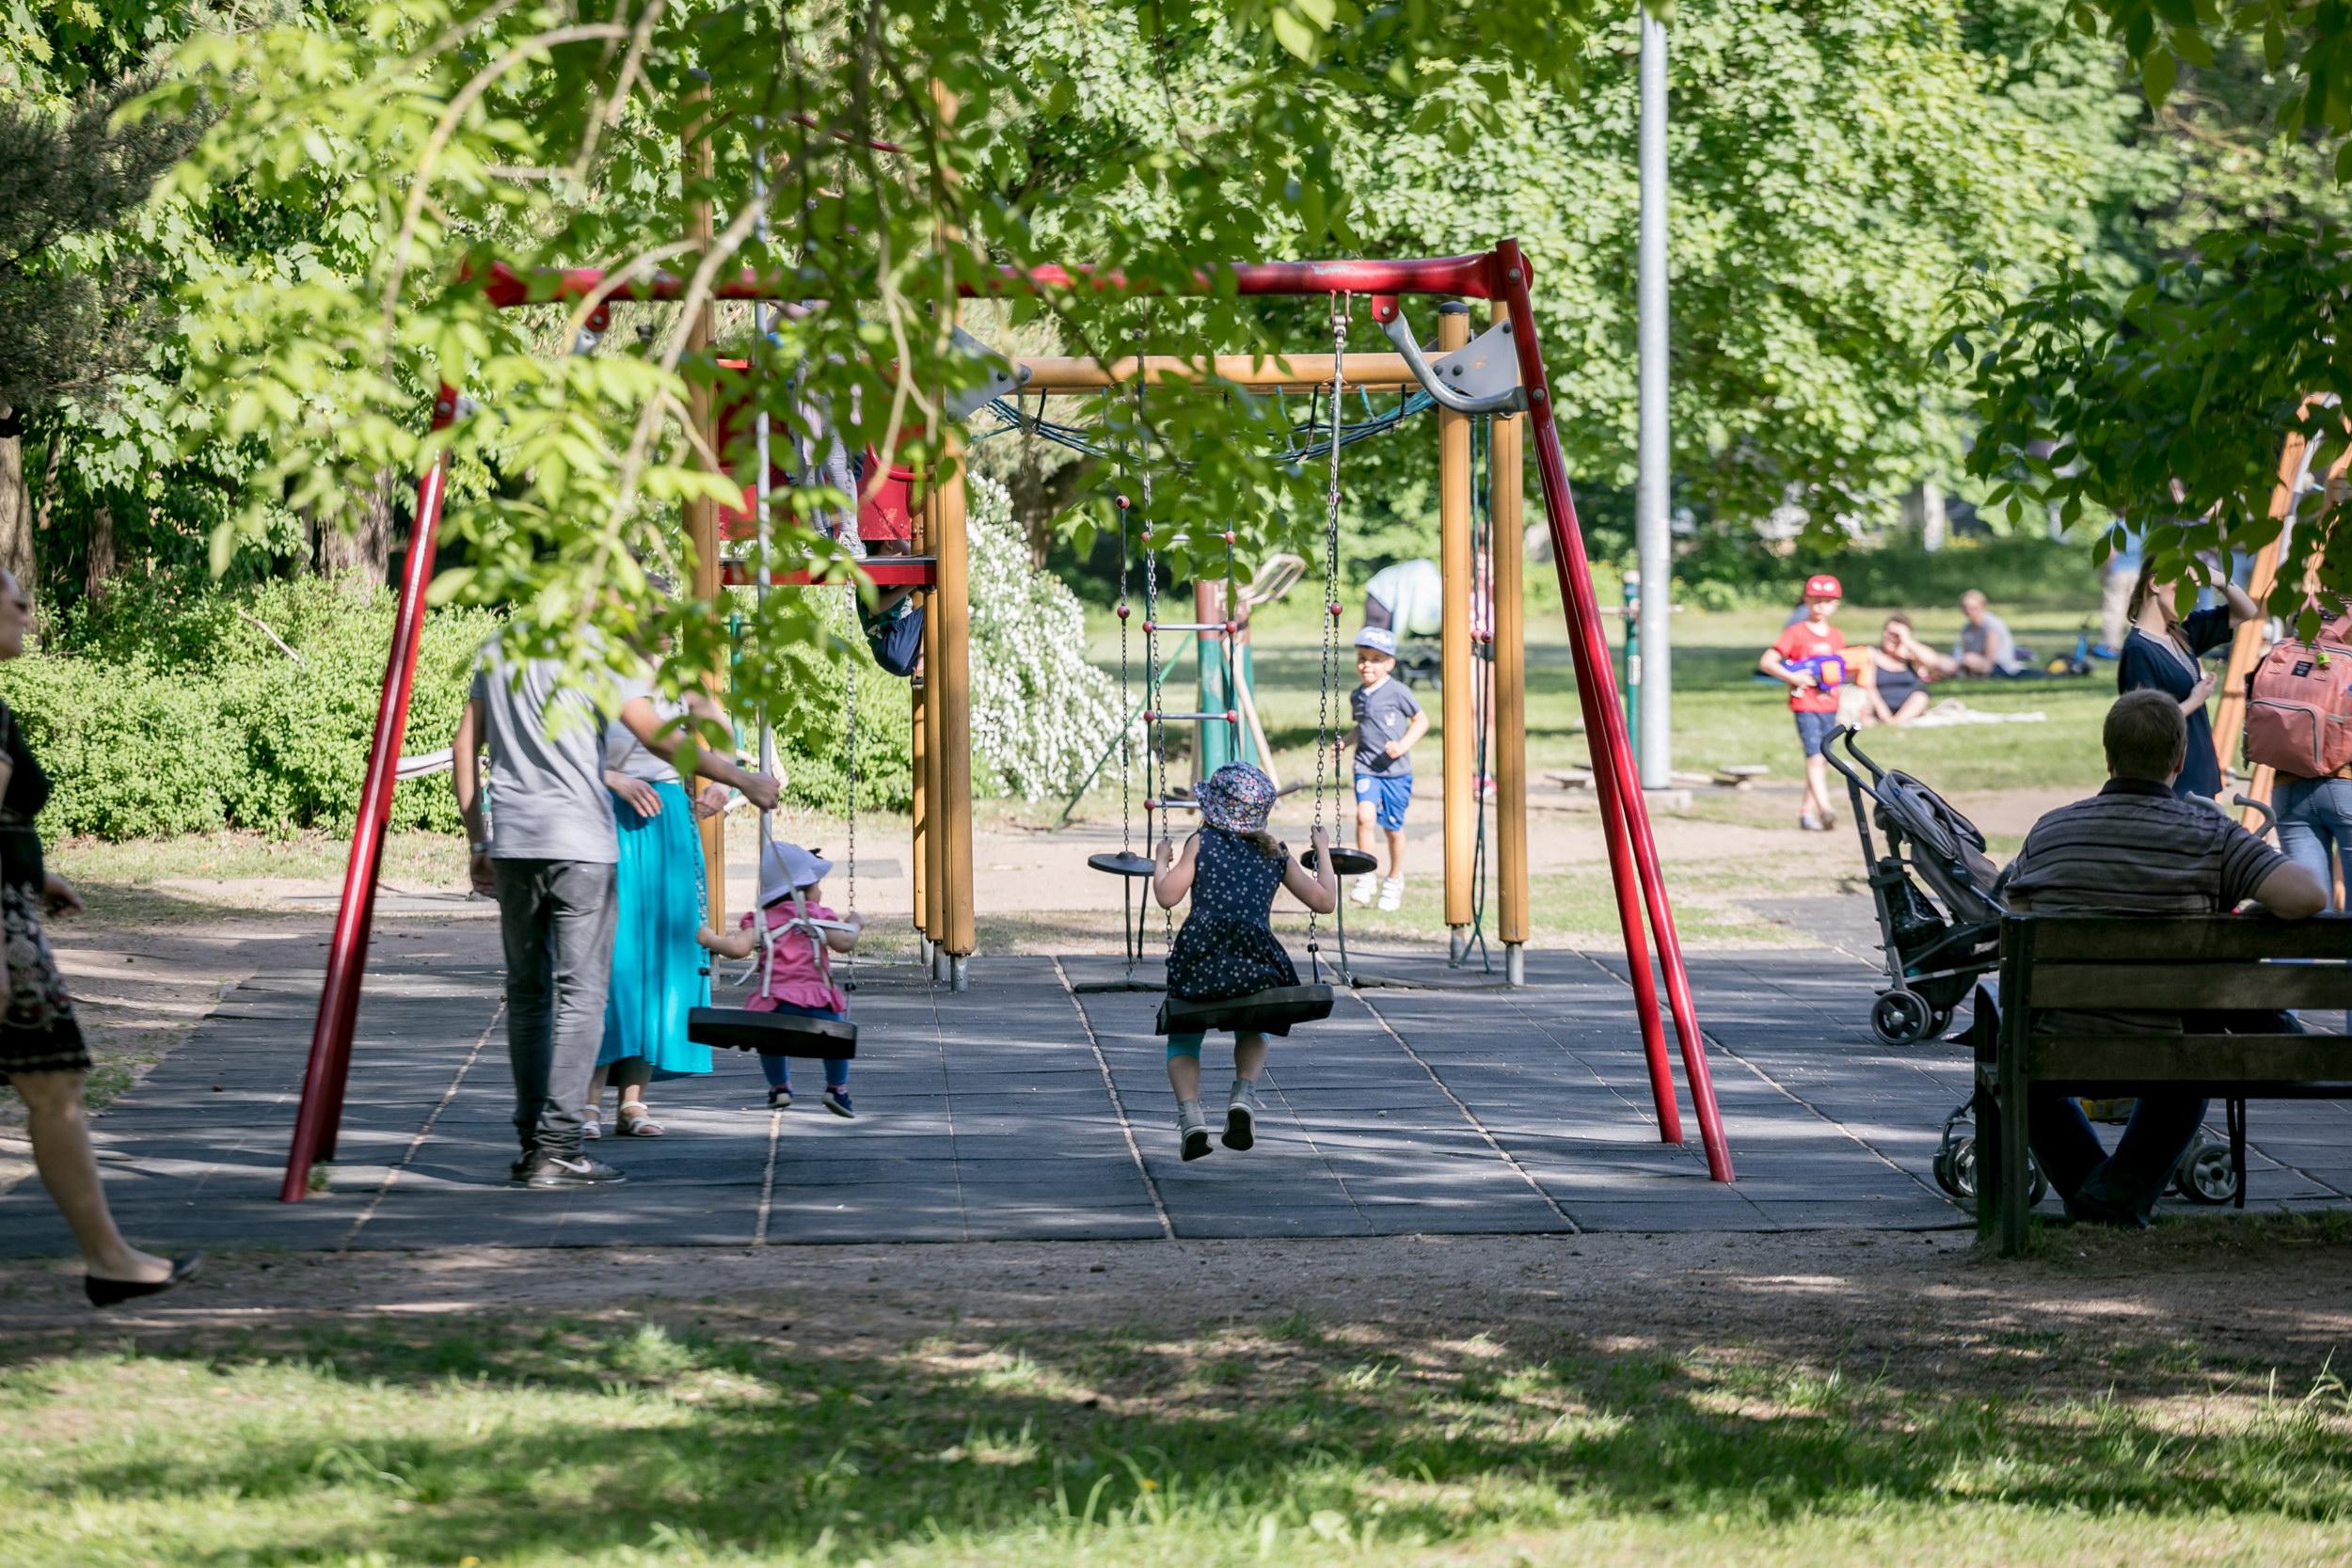 Vaikai žaidžia žaidimų aikštelėje